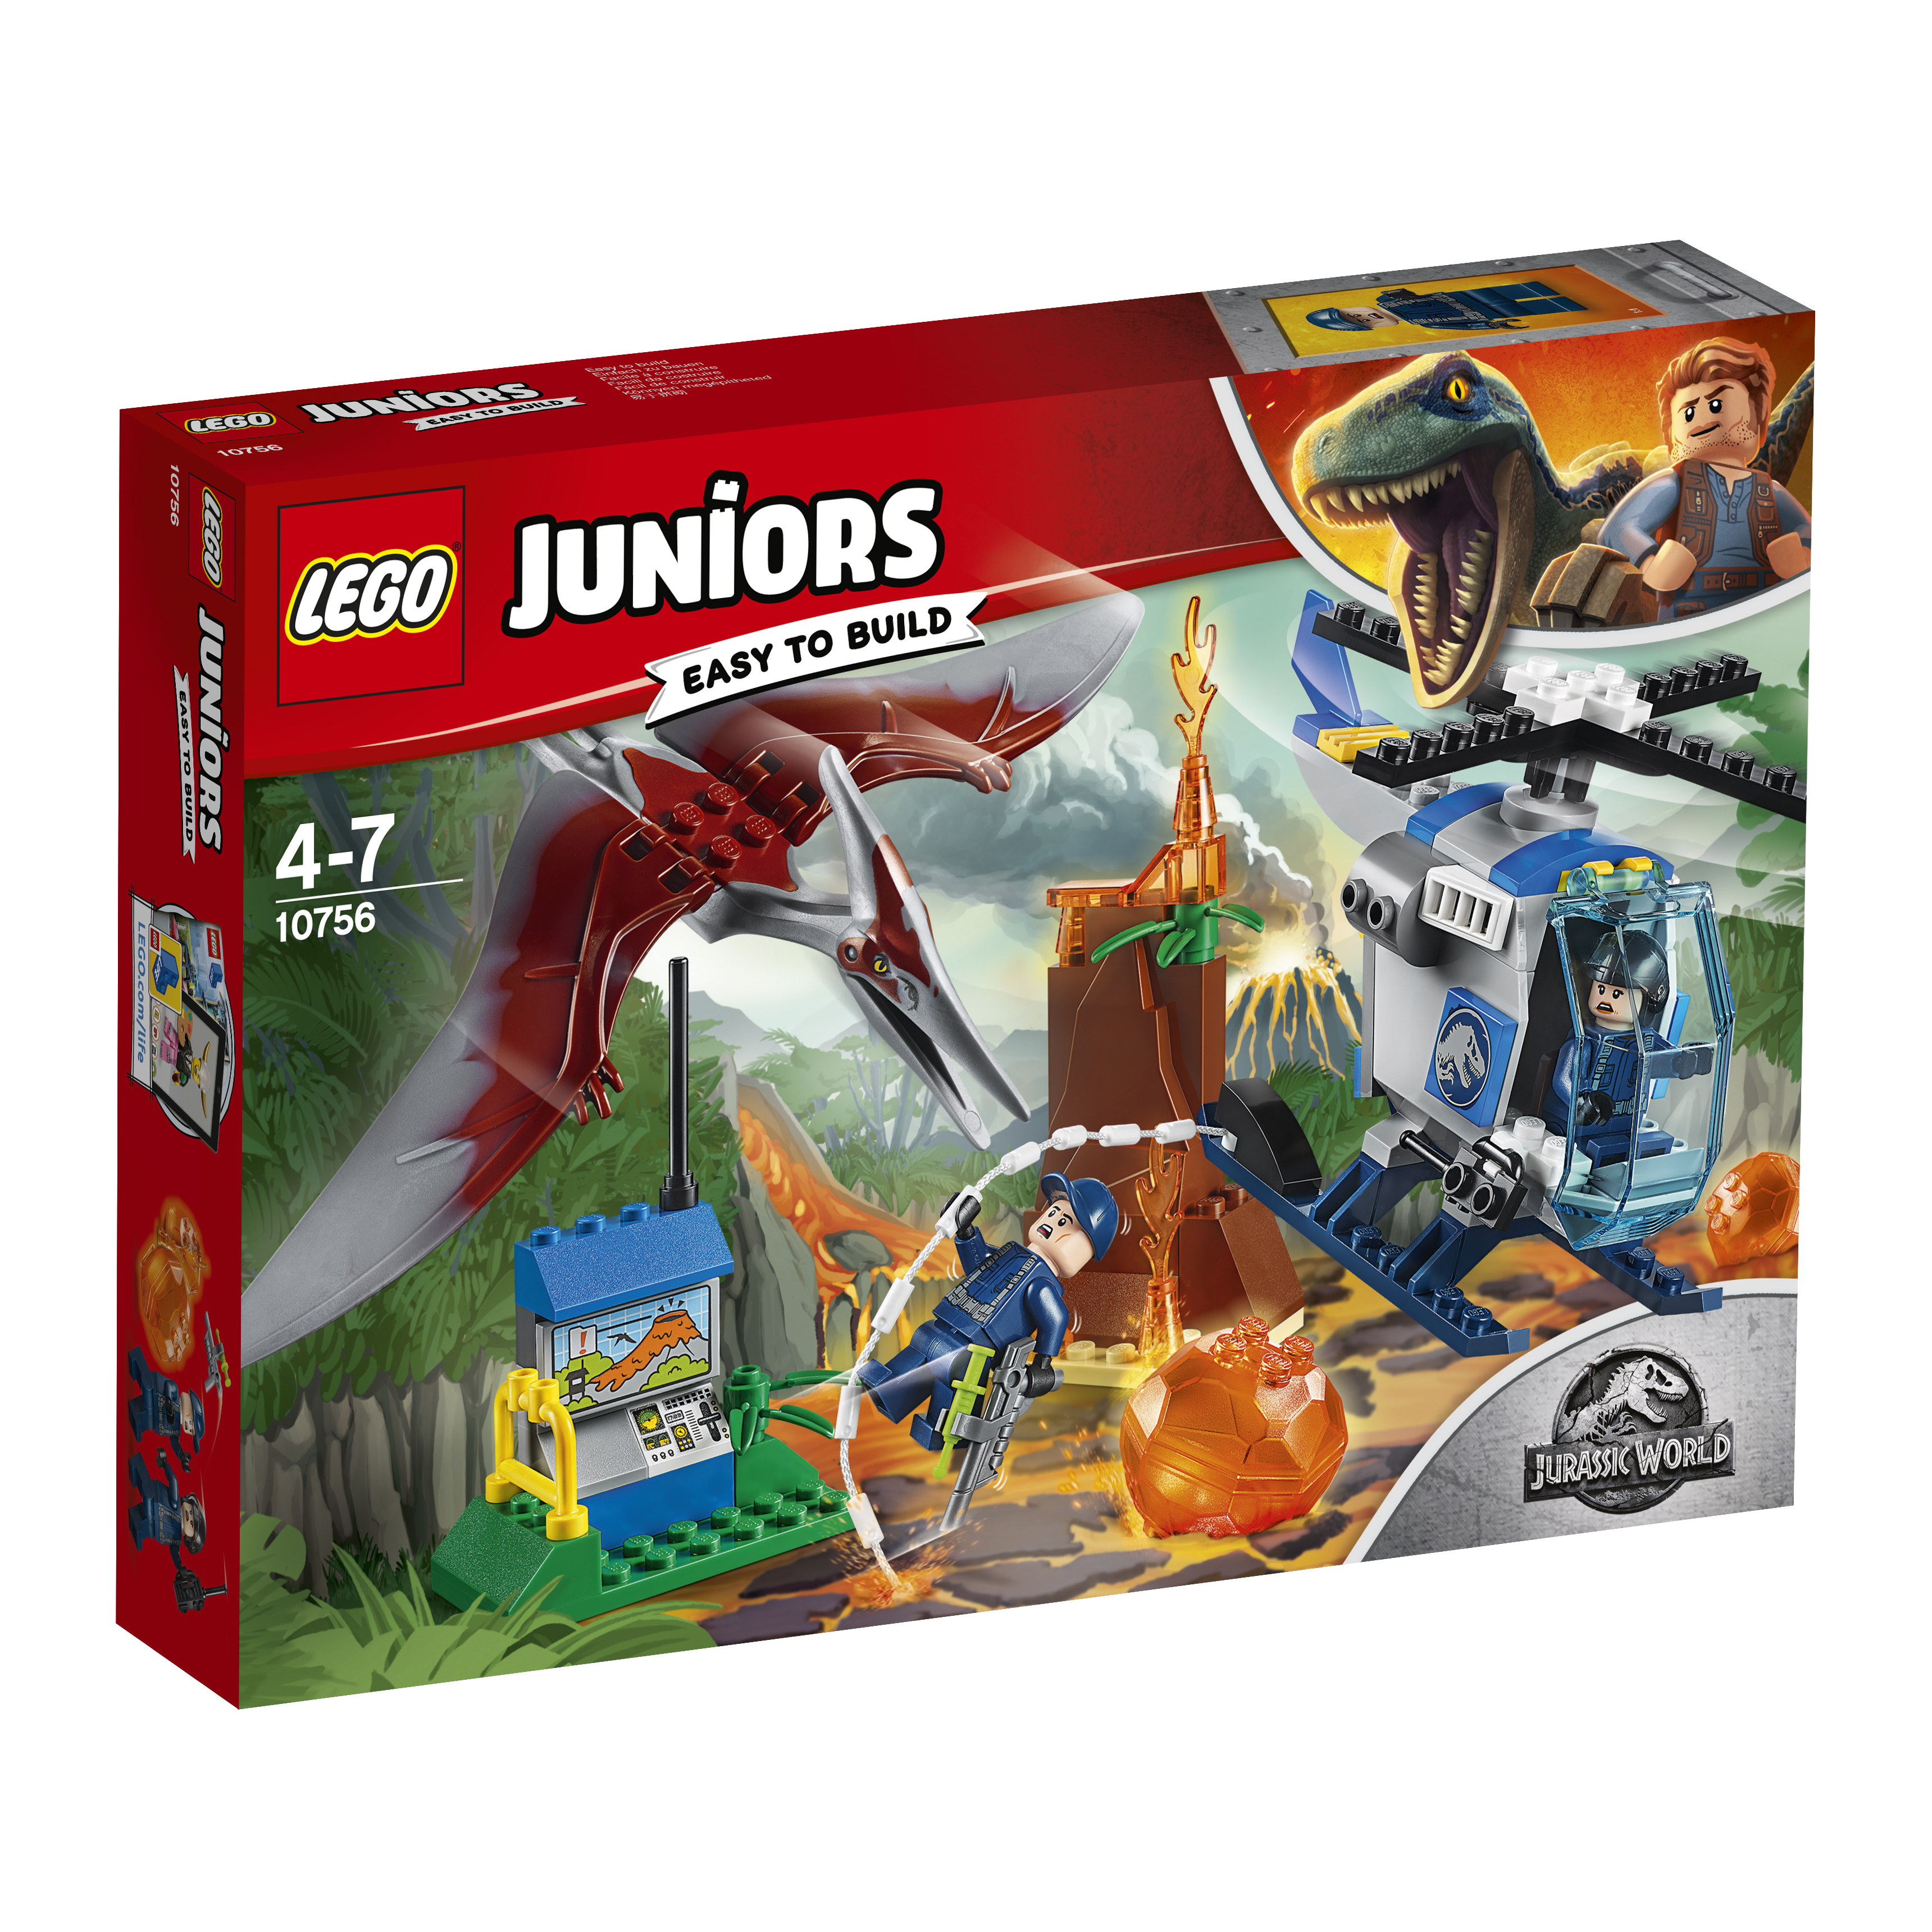 Конструктор LEGO Juniors 10756 Побег птеранодона lego juniors конструктор побег птеранодона